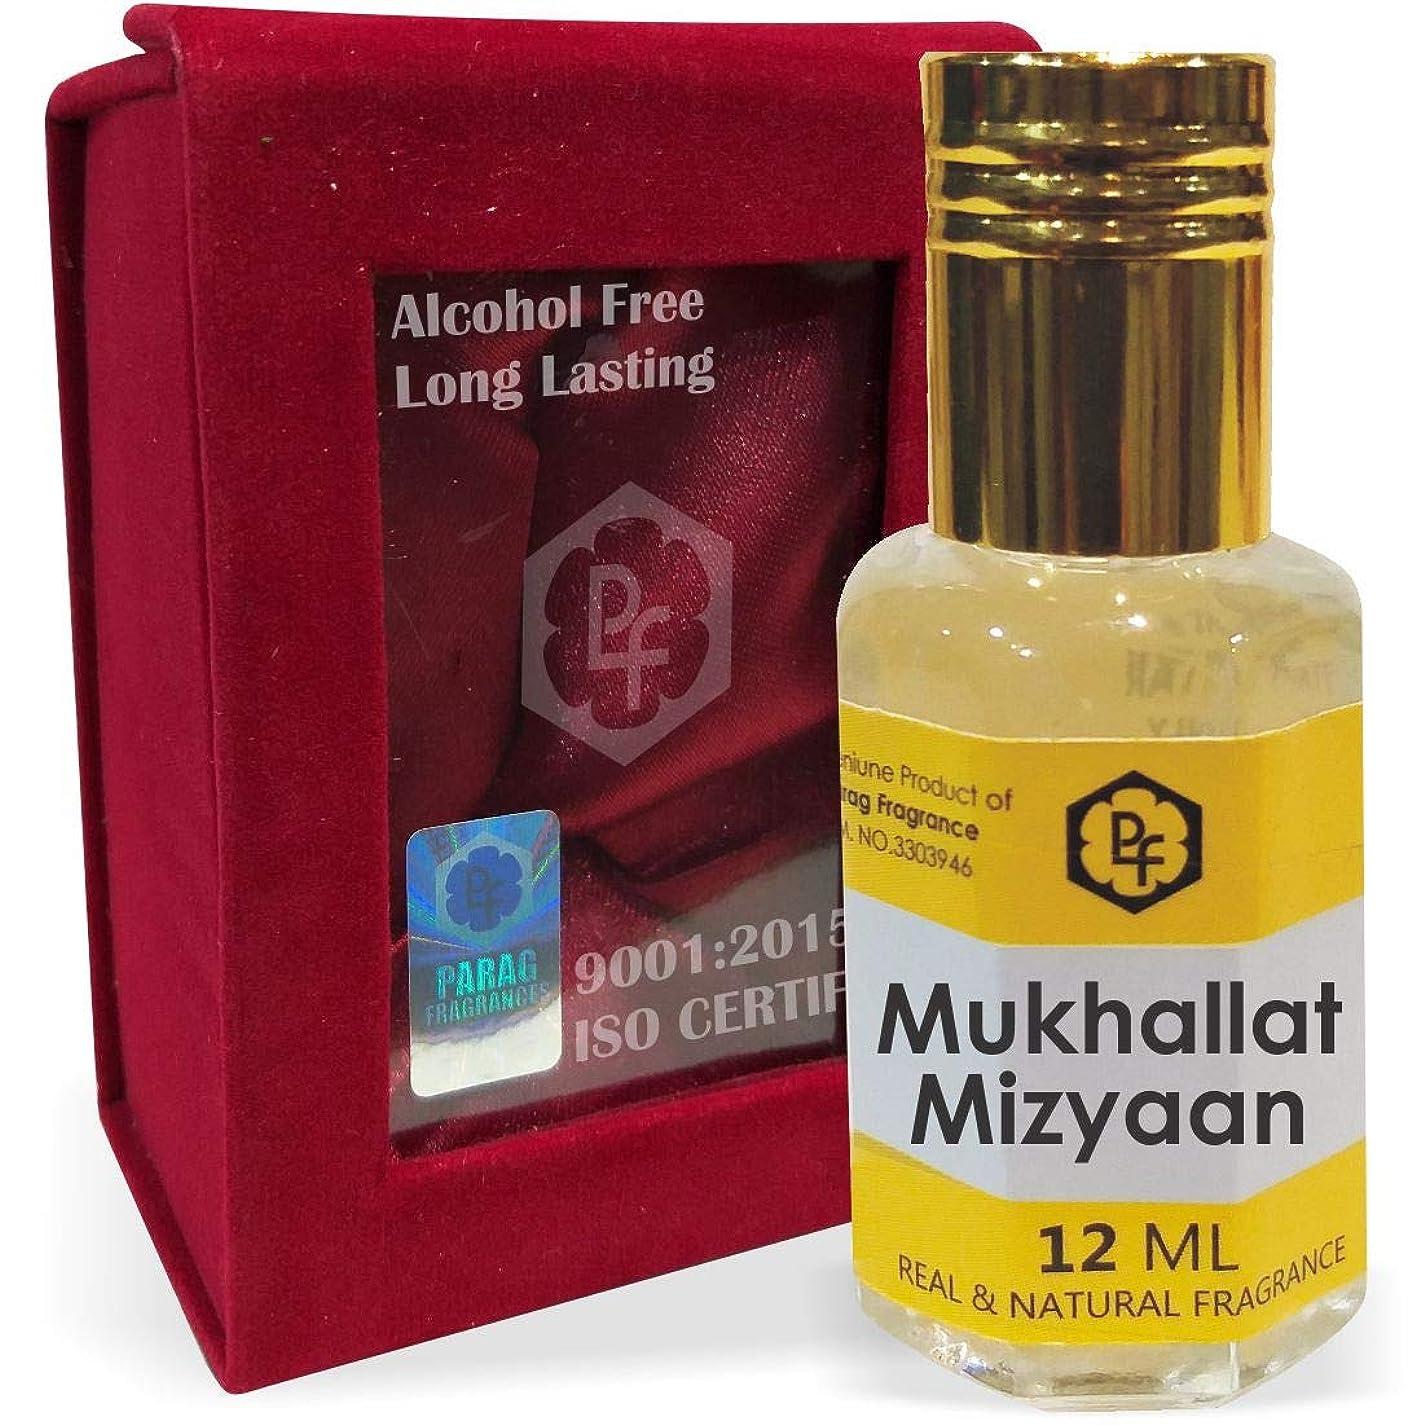 に頼る摂氏圧力ParagフレグランスMukhallat手作りベルベットボックスMizyaan 12ミリリットルアター/香水(インドの伝統的なBhapka処理方法により、インド製)オイル/フレグランスオイル|長持ちアターITRA最高の品質